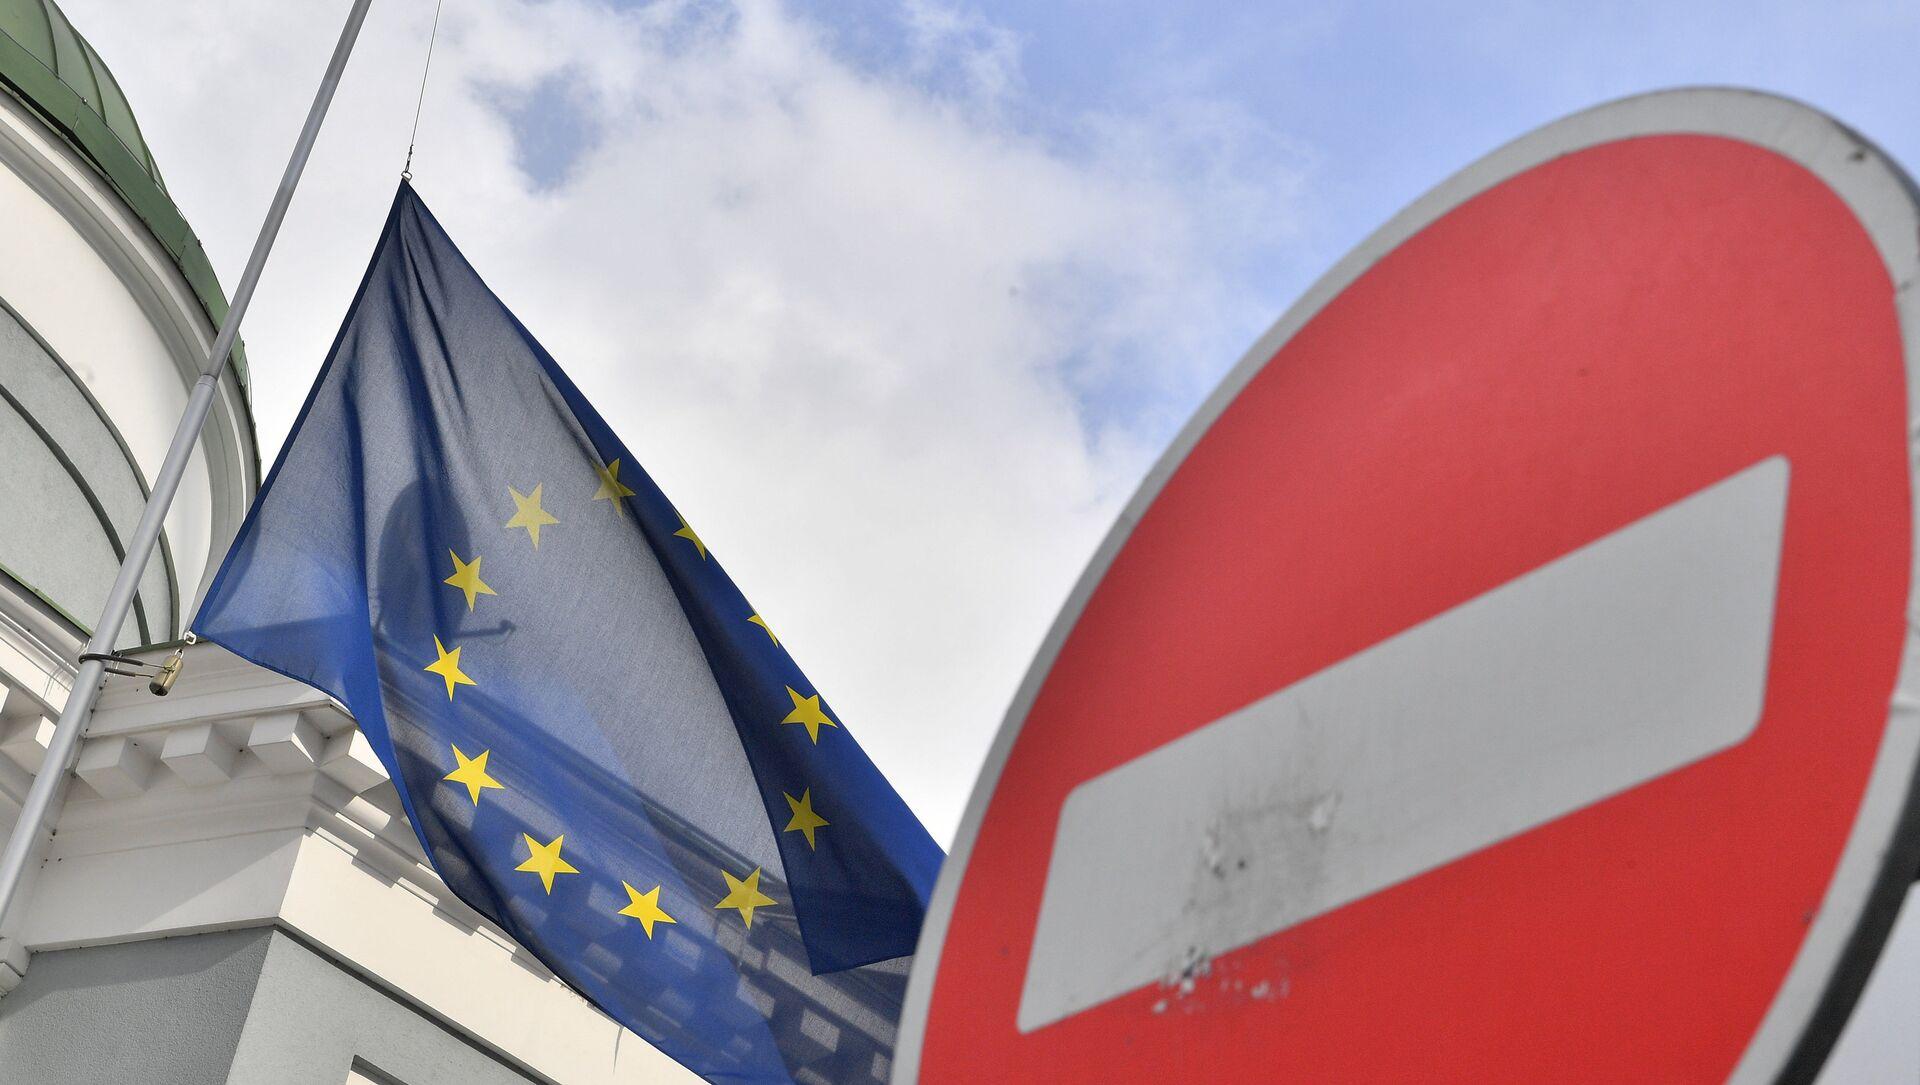 Bandera de la UE - Sputnik Mundo, 1920, 02.02.2021